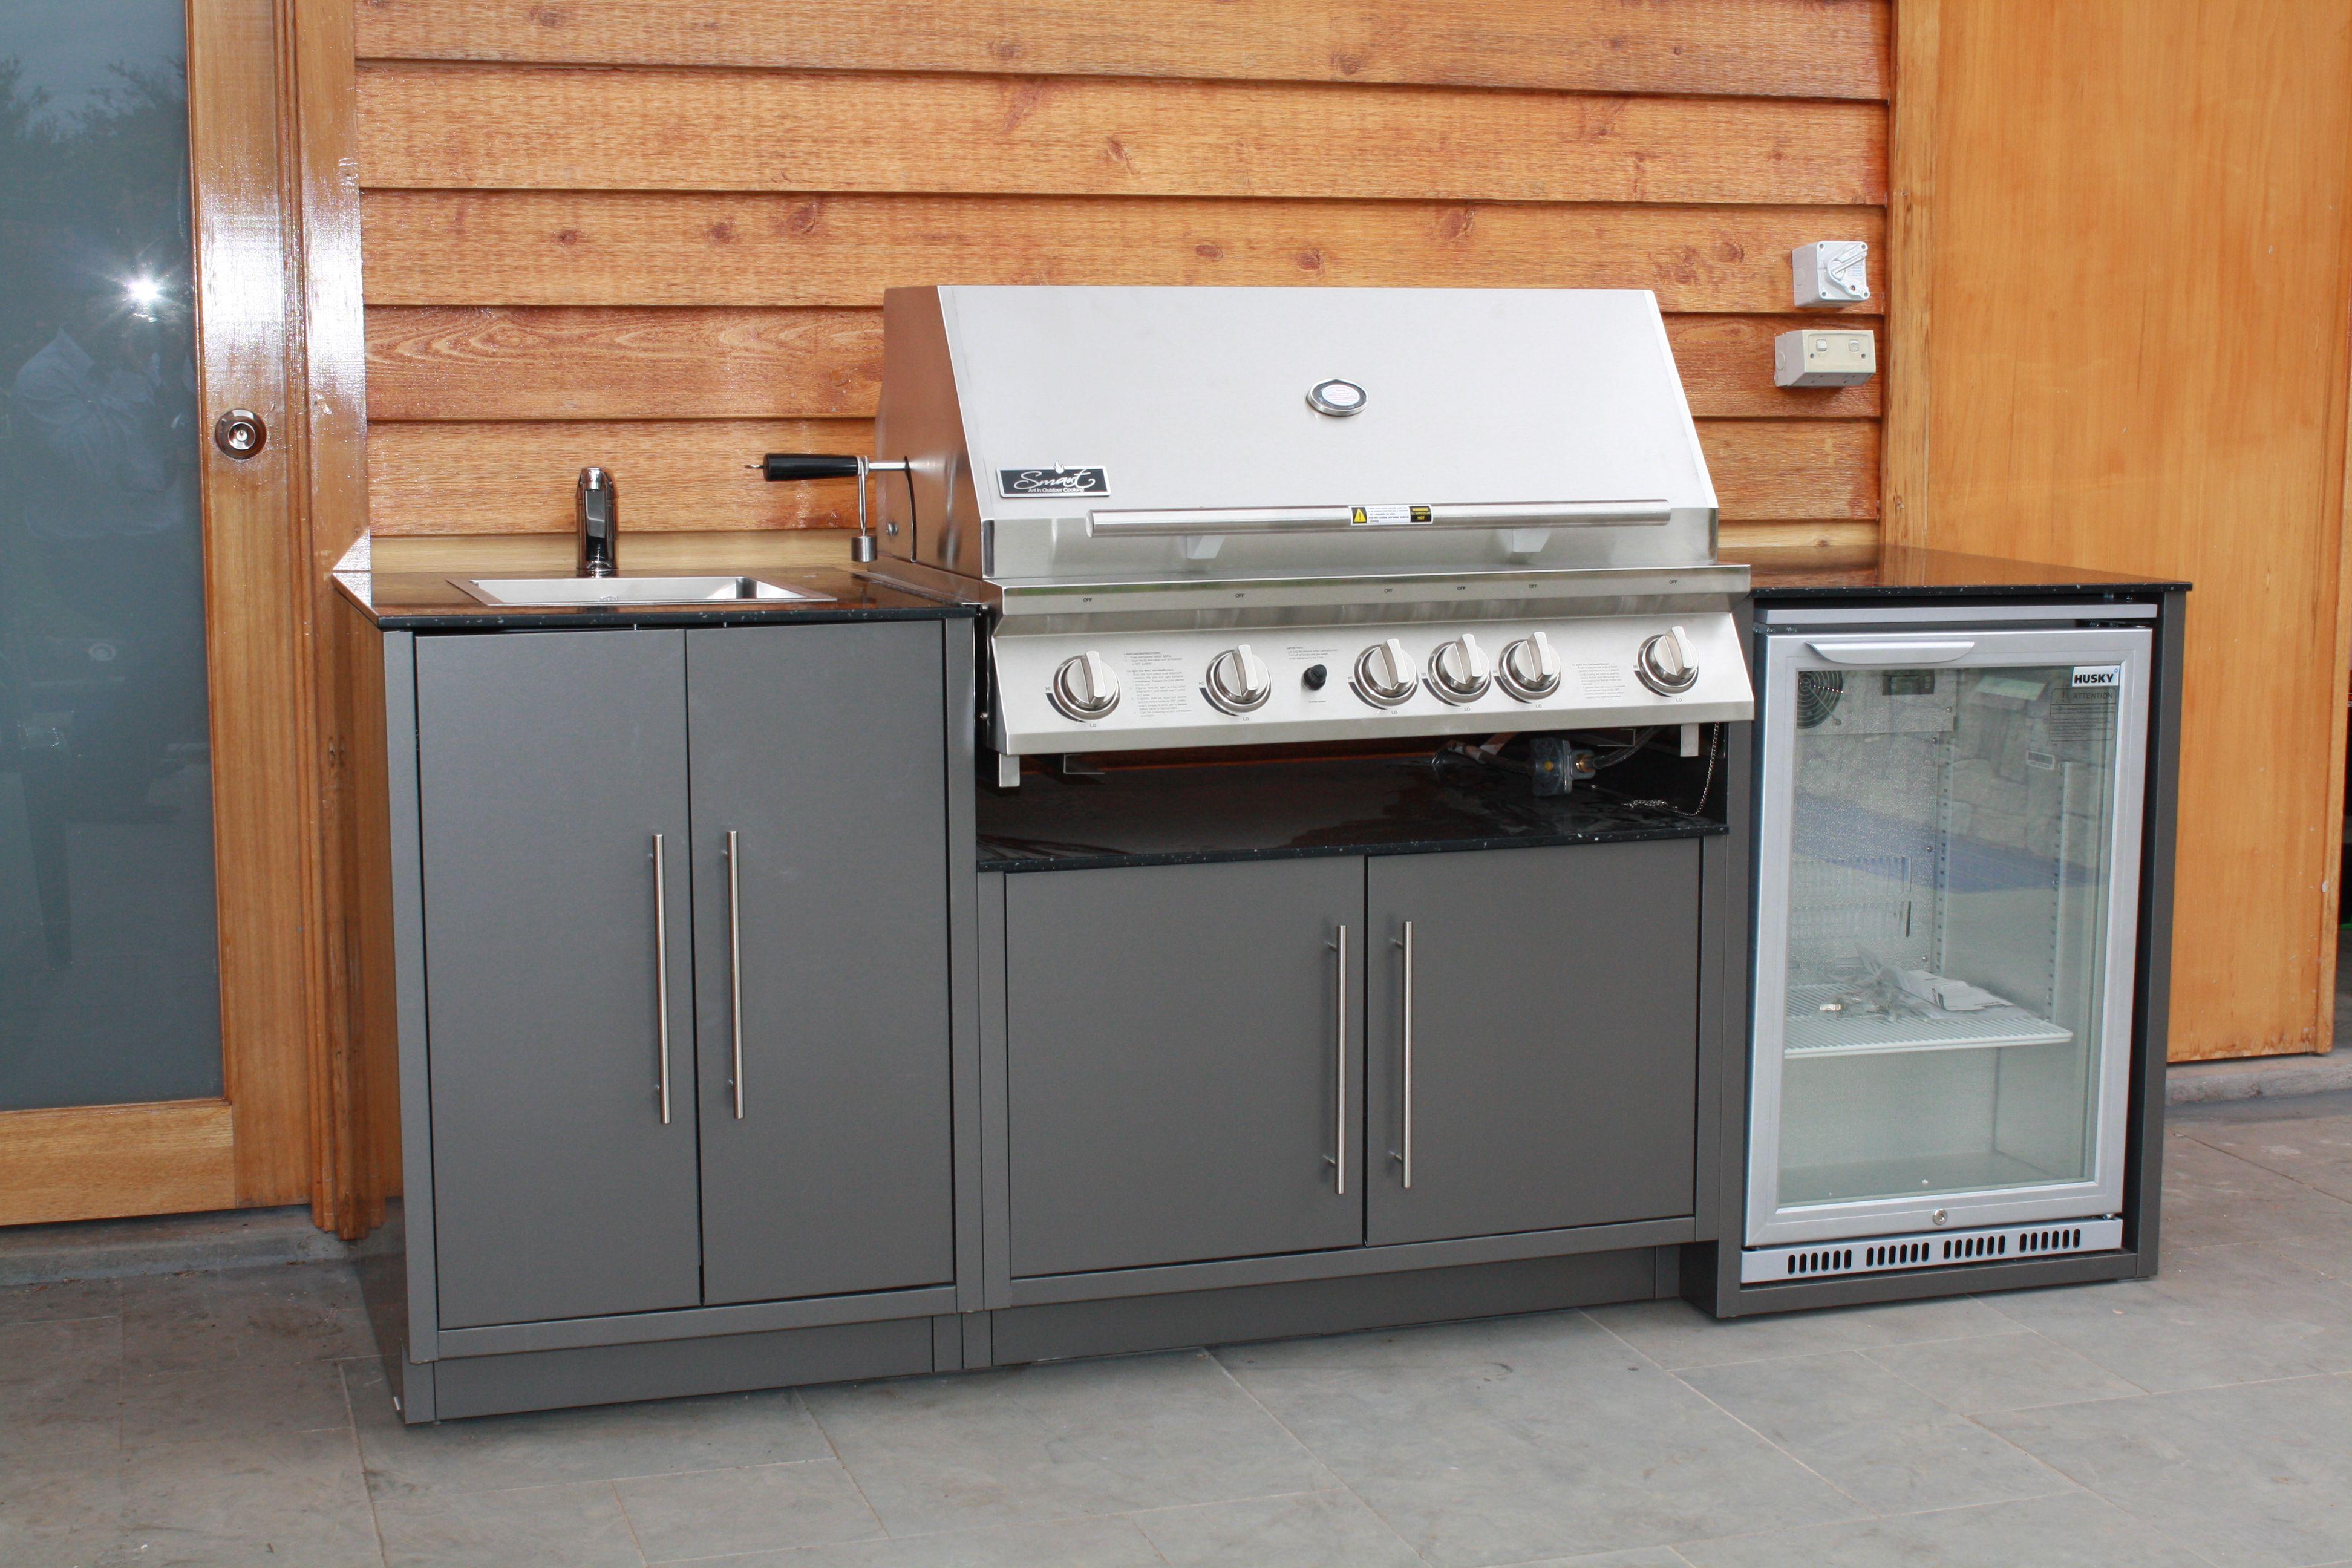 Smart BBQ with Husky fridge